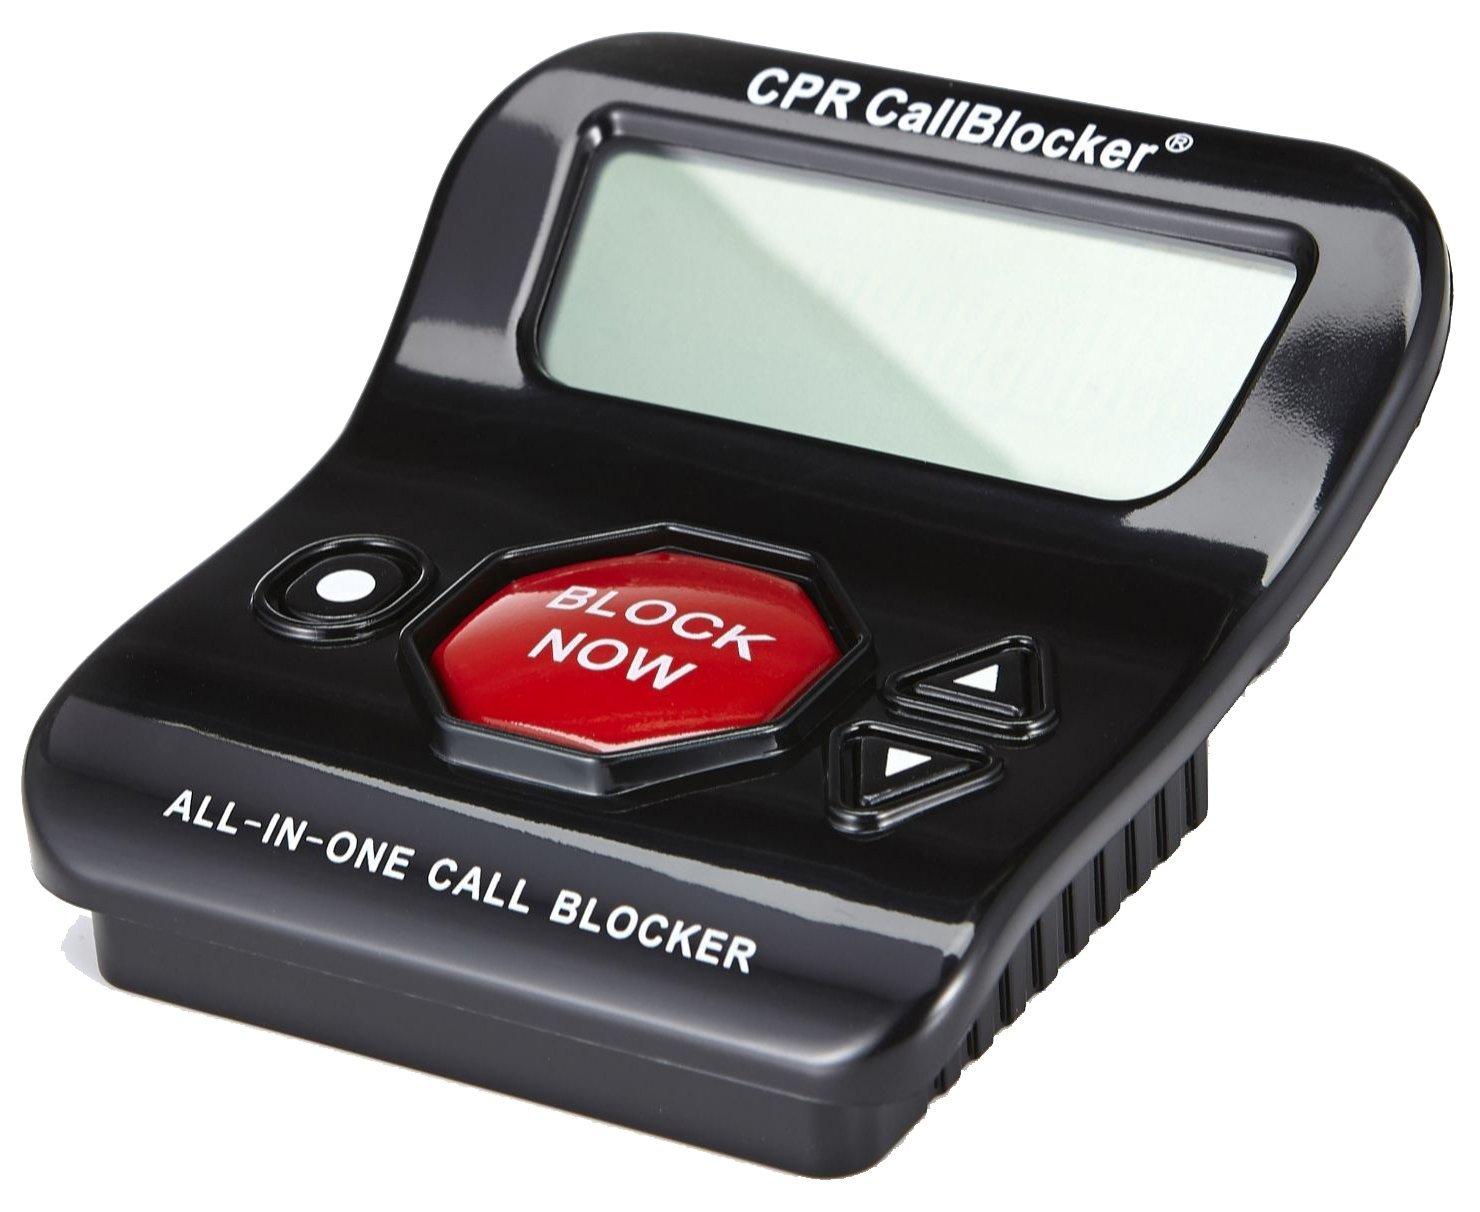 CPR Callblocker V202